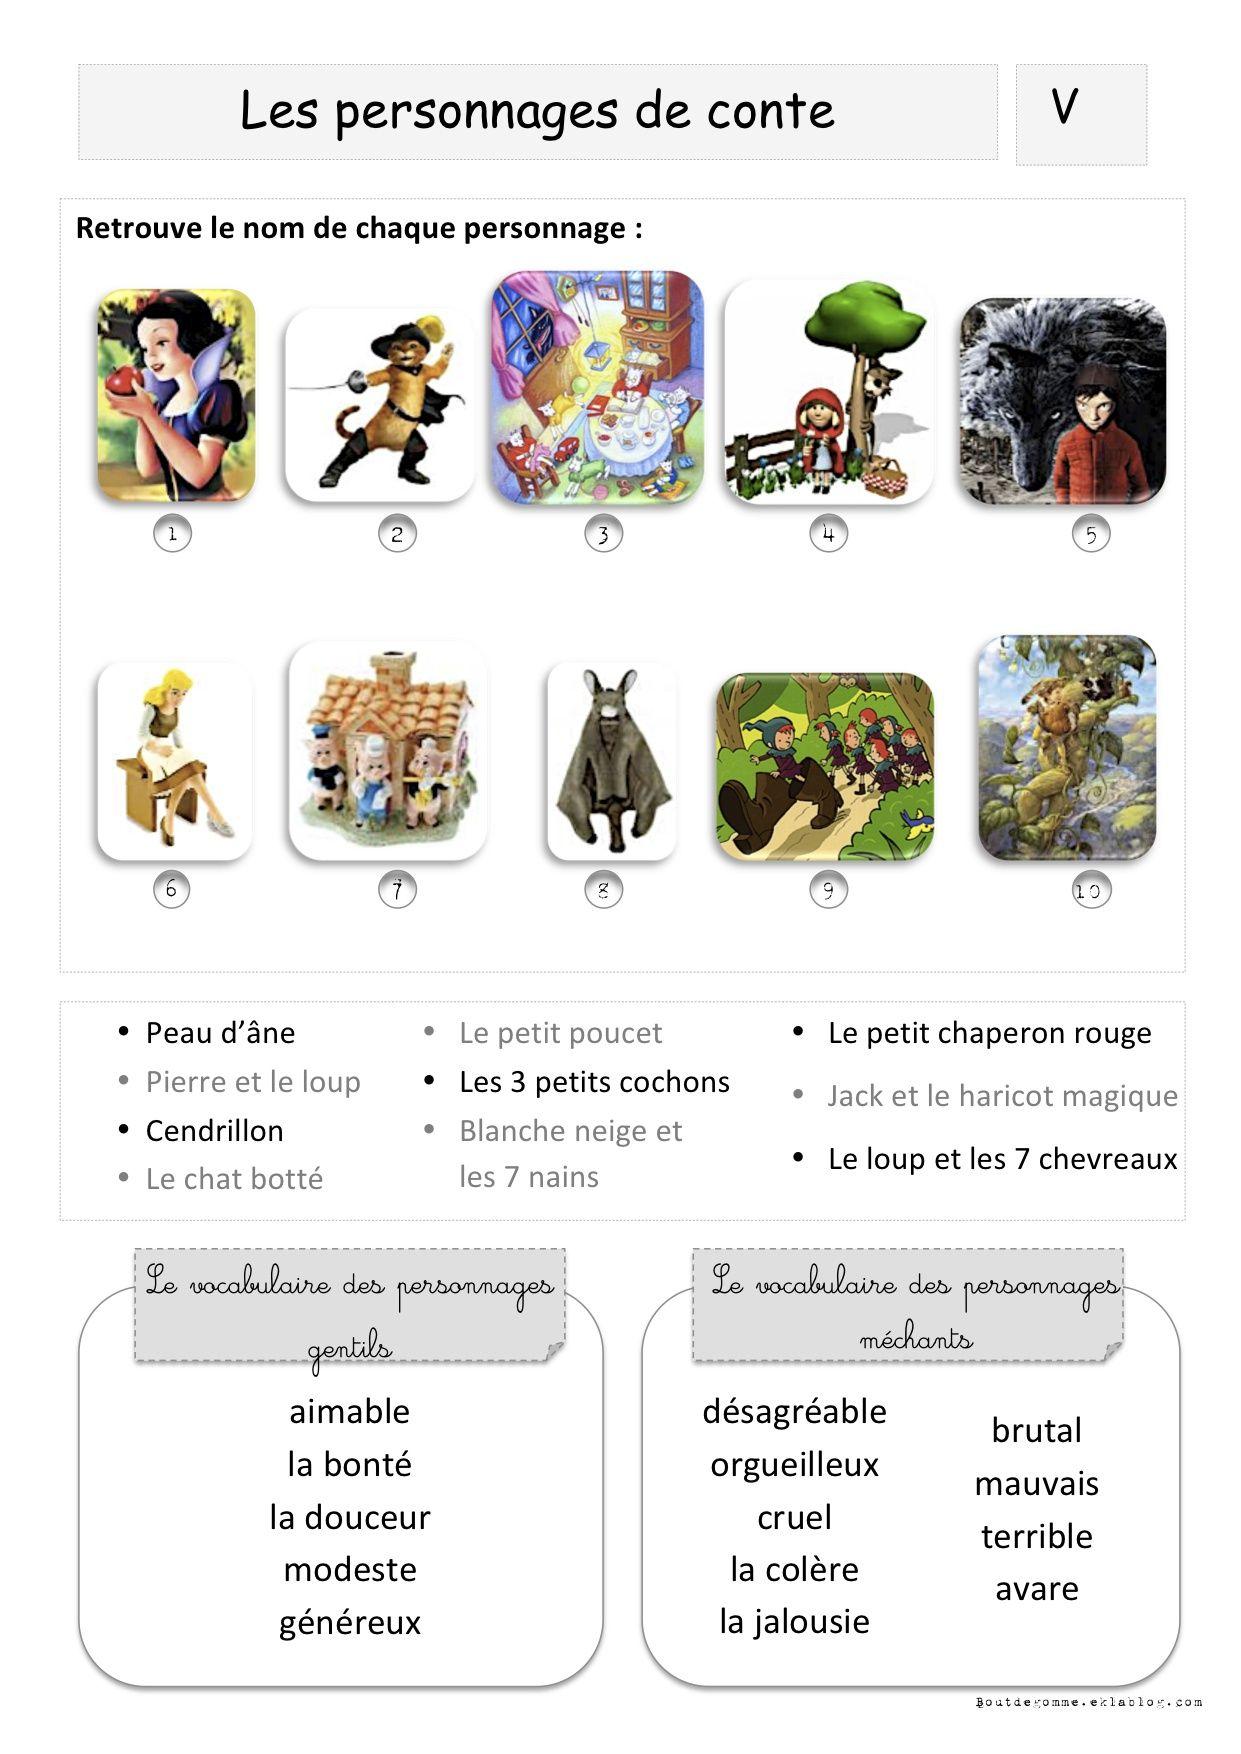 Les personnages de conte primaire fran ais 7 contes et - Dictionnaire cuisine francais ...